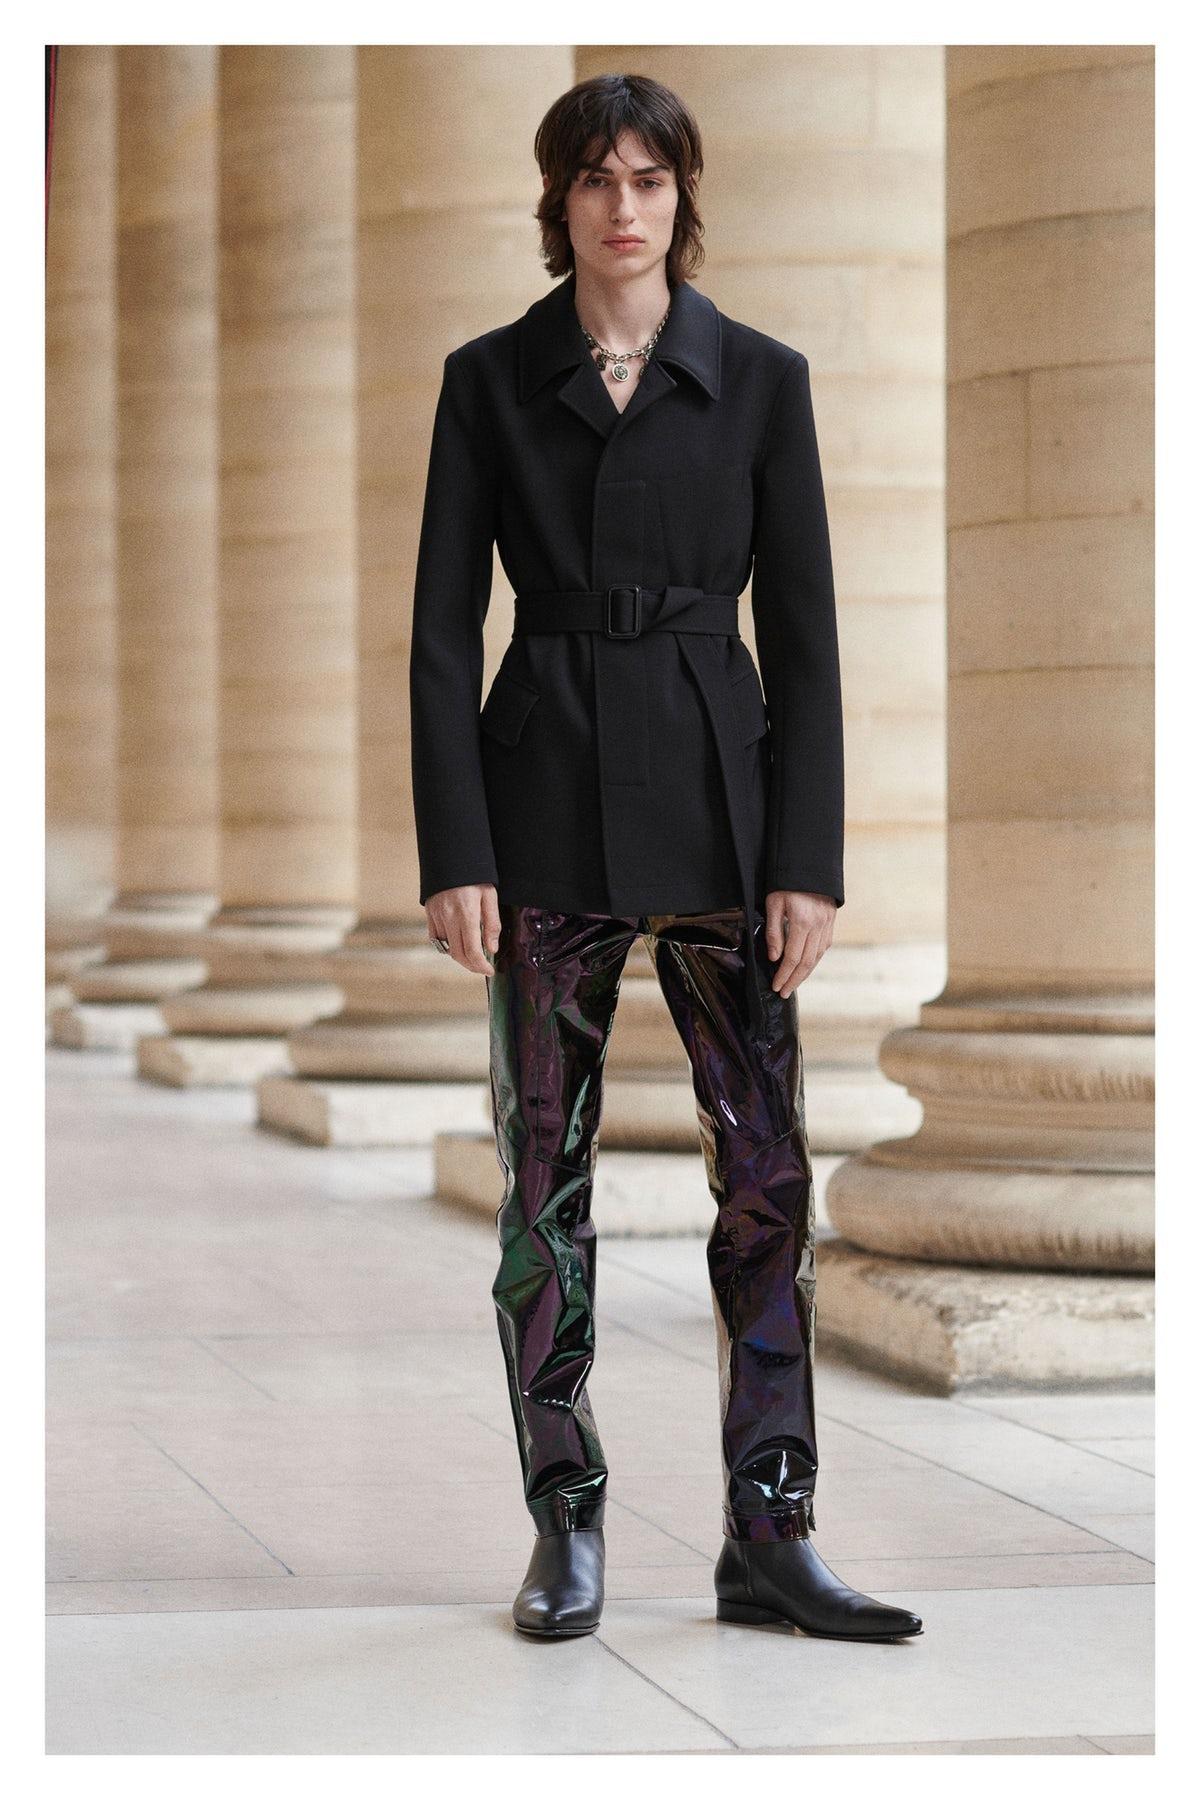 Menswear Gets a Platform at Givenchy